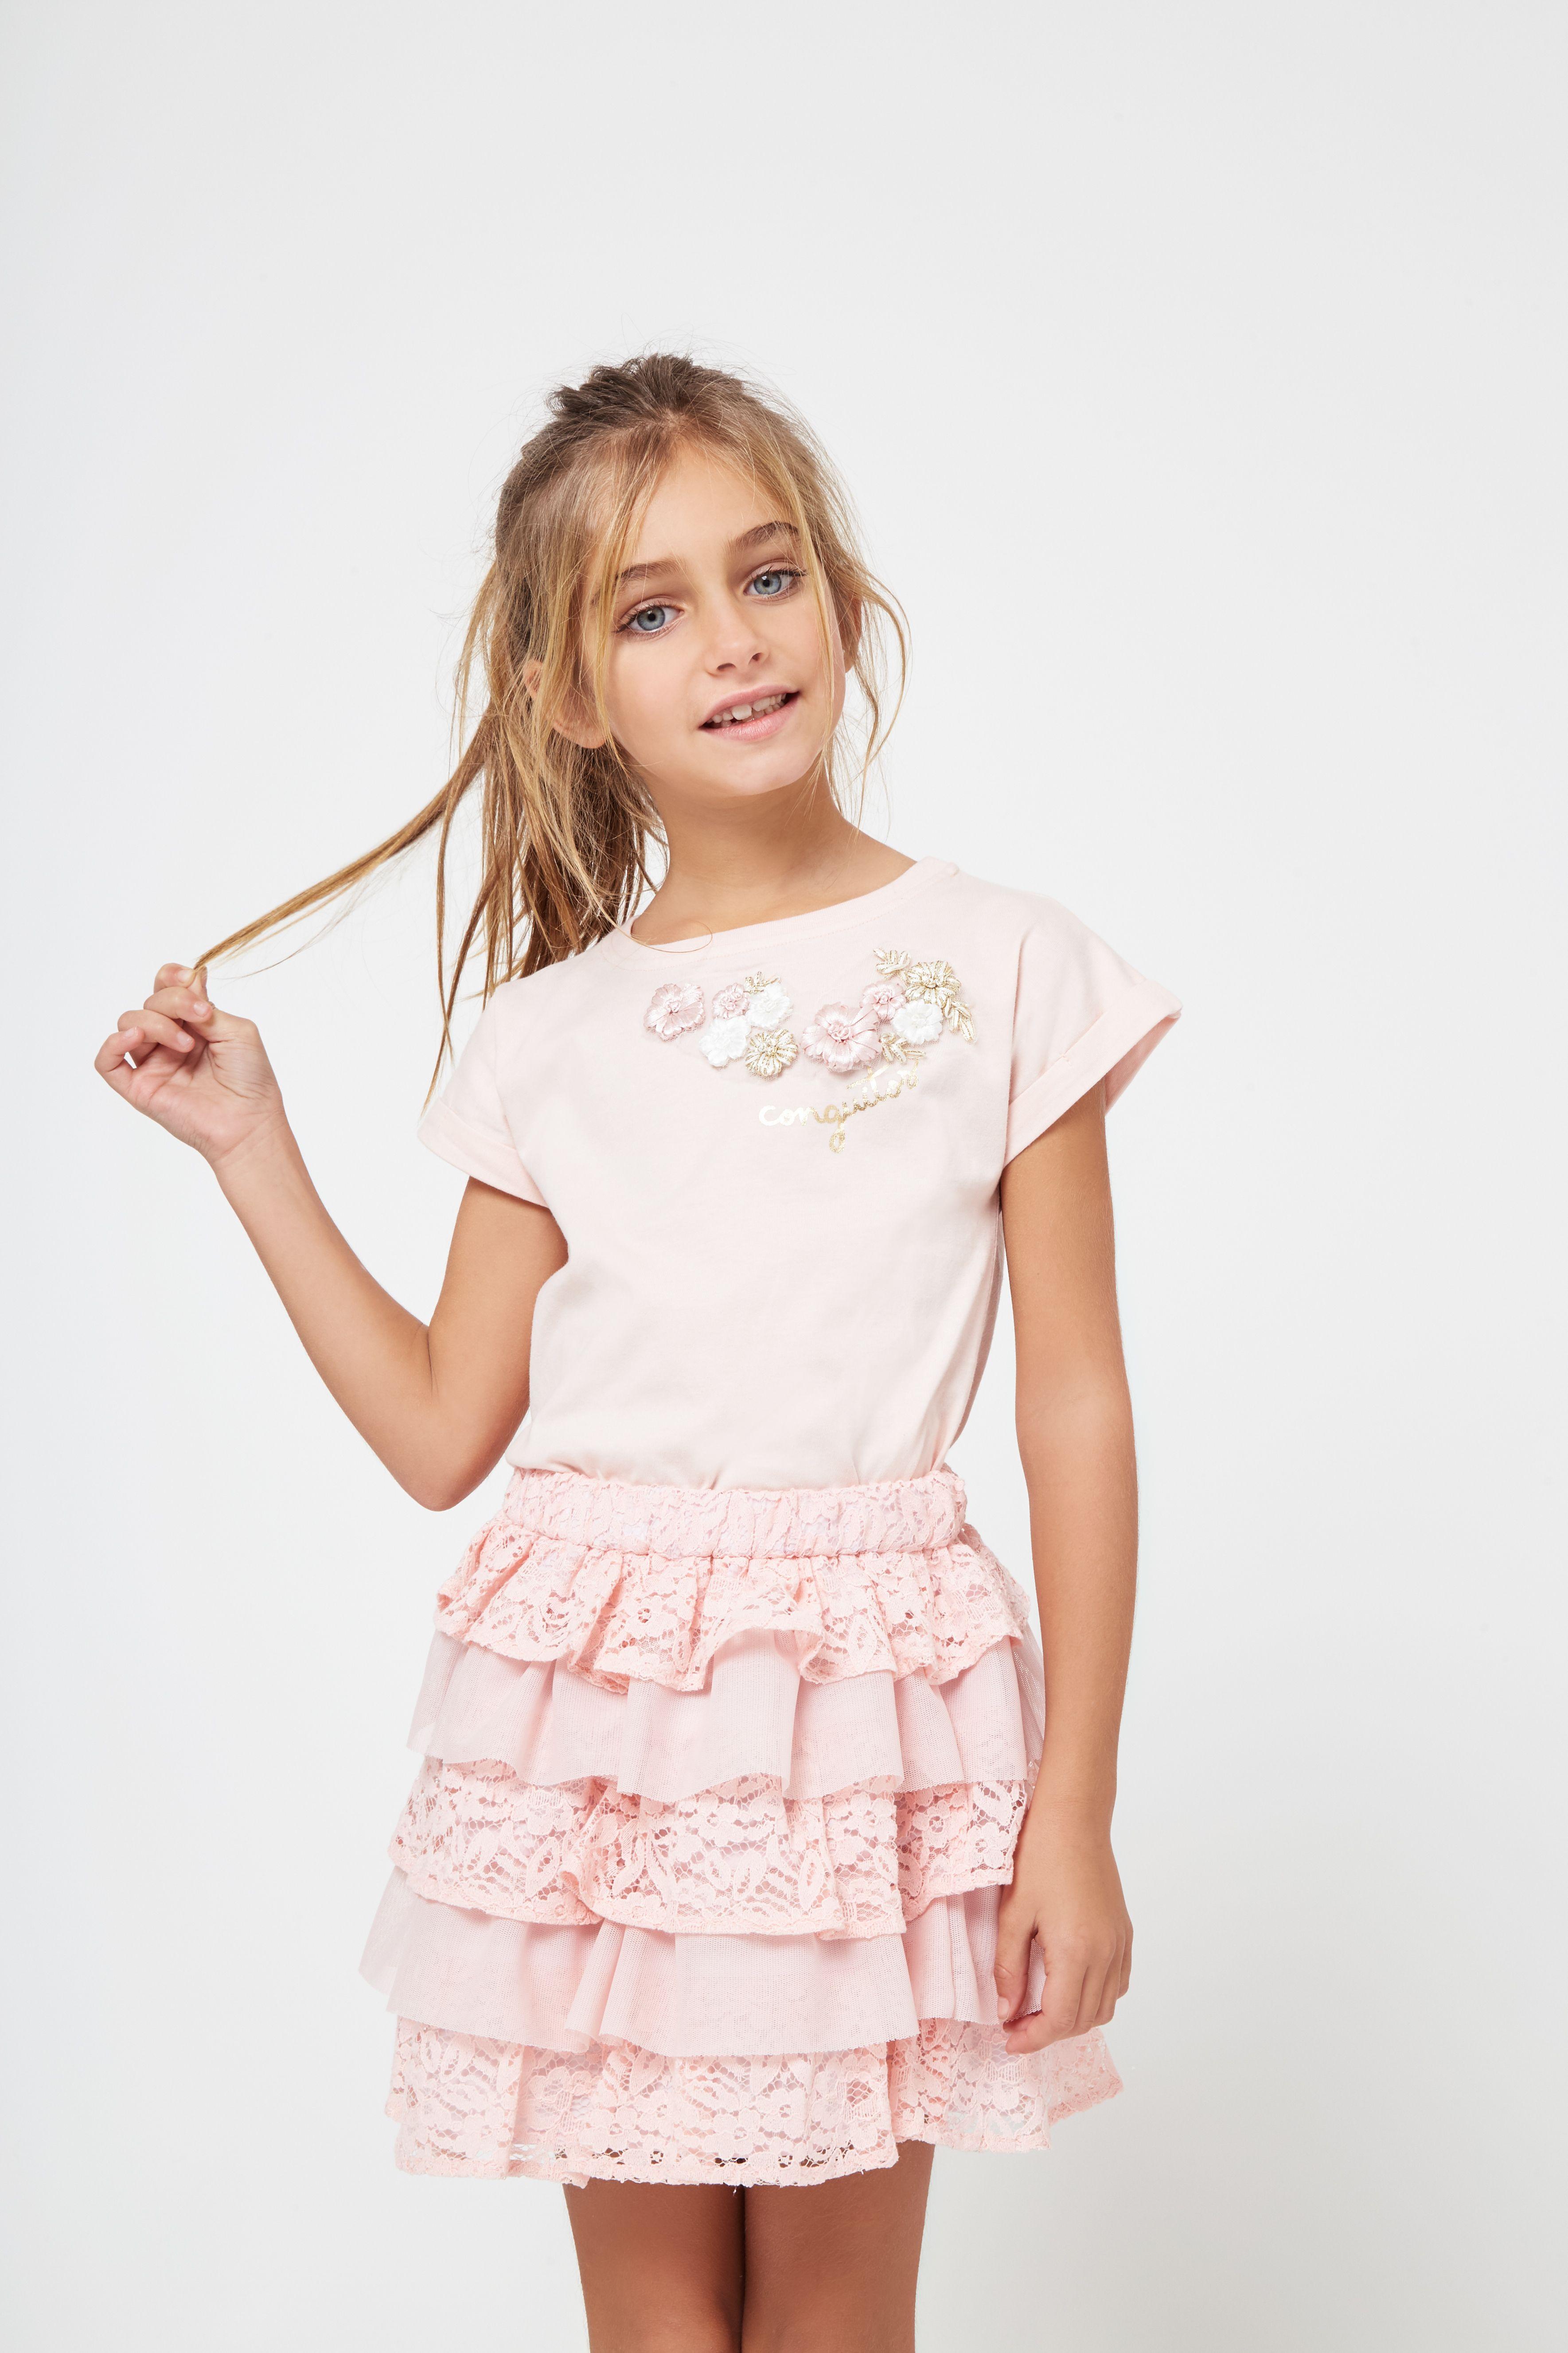 fbbdce775 Falda de Niña Combinada Volantes Rosa - Moda - Niña - Conguitos #modaniña # niña